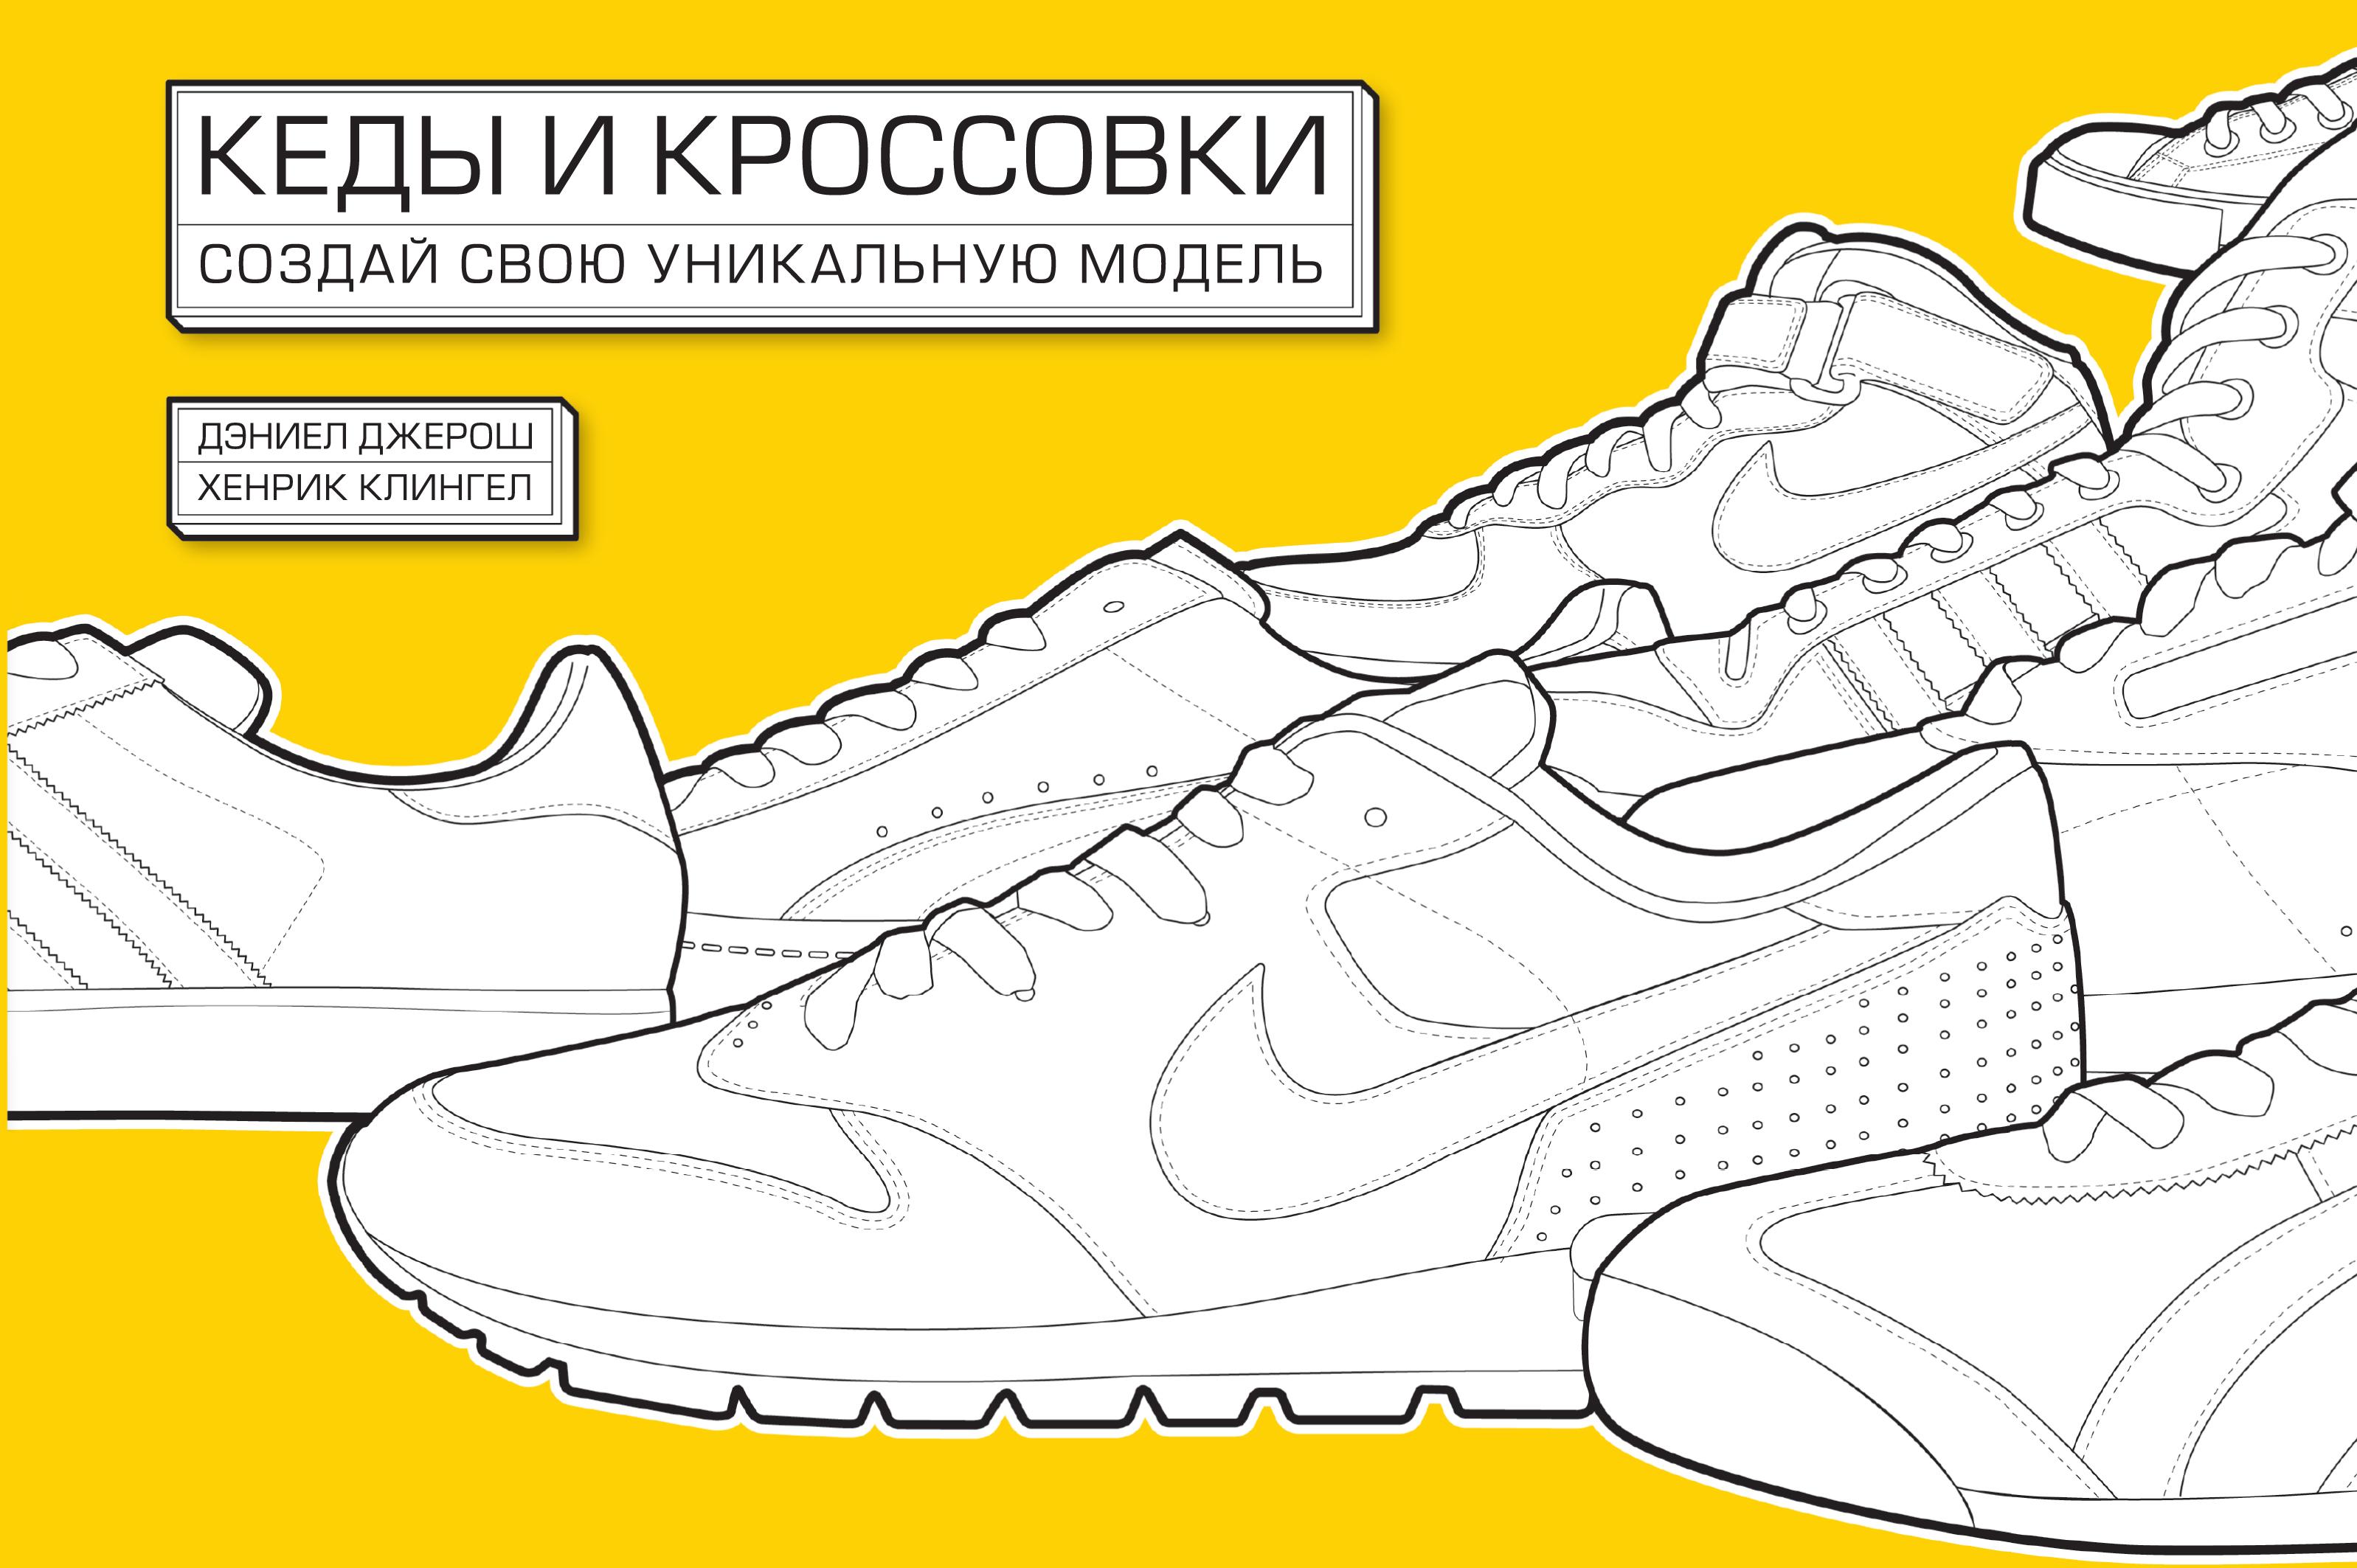 Раскраска антистресс кеды и кроссовки